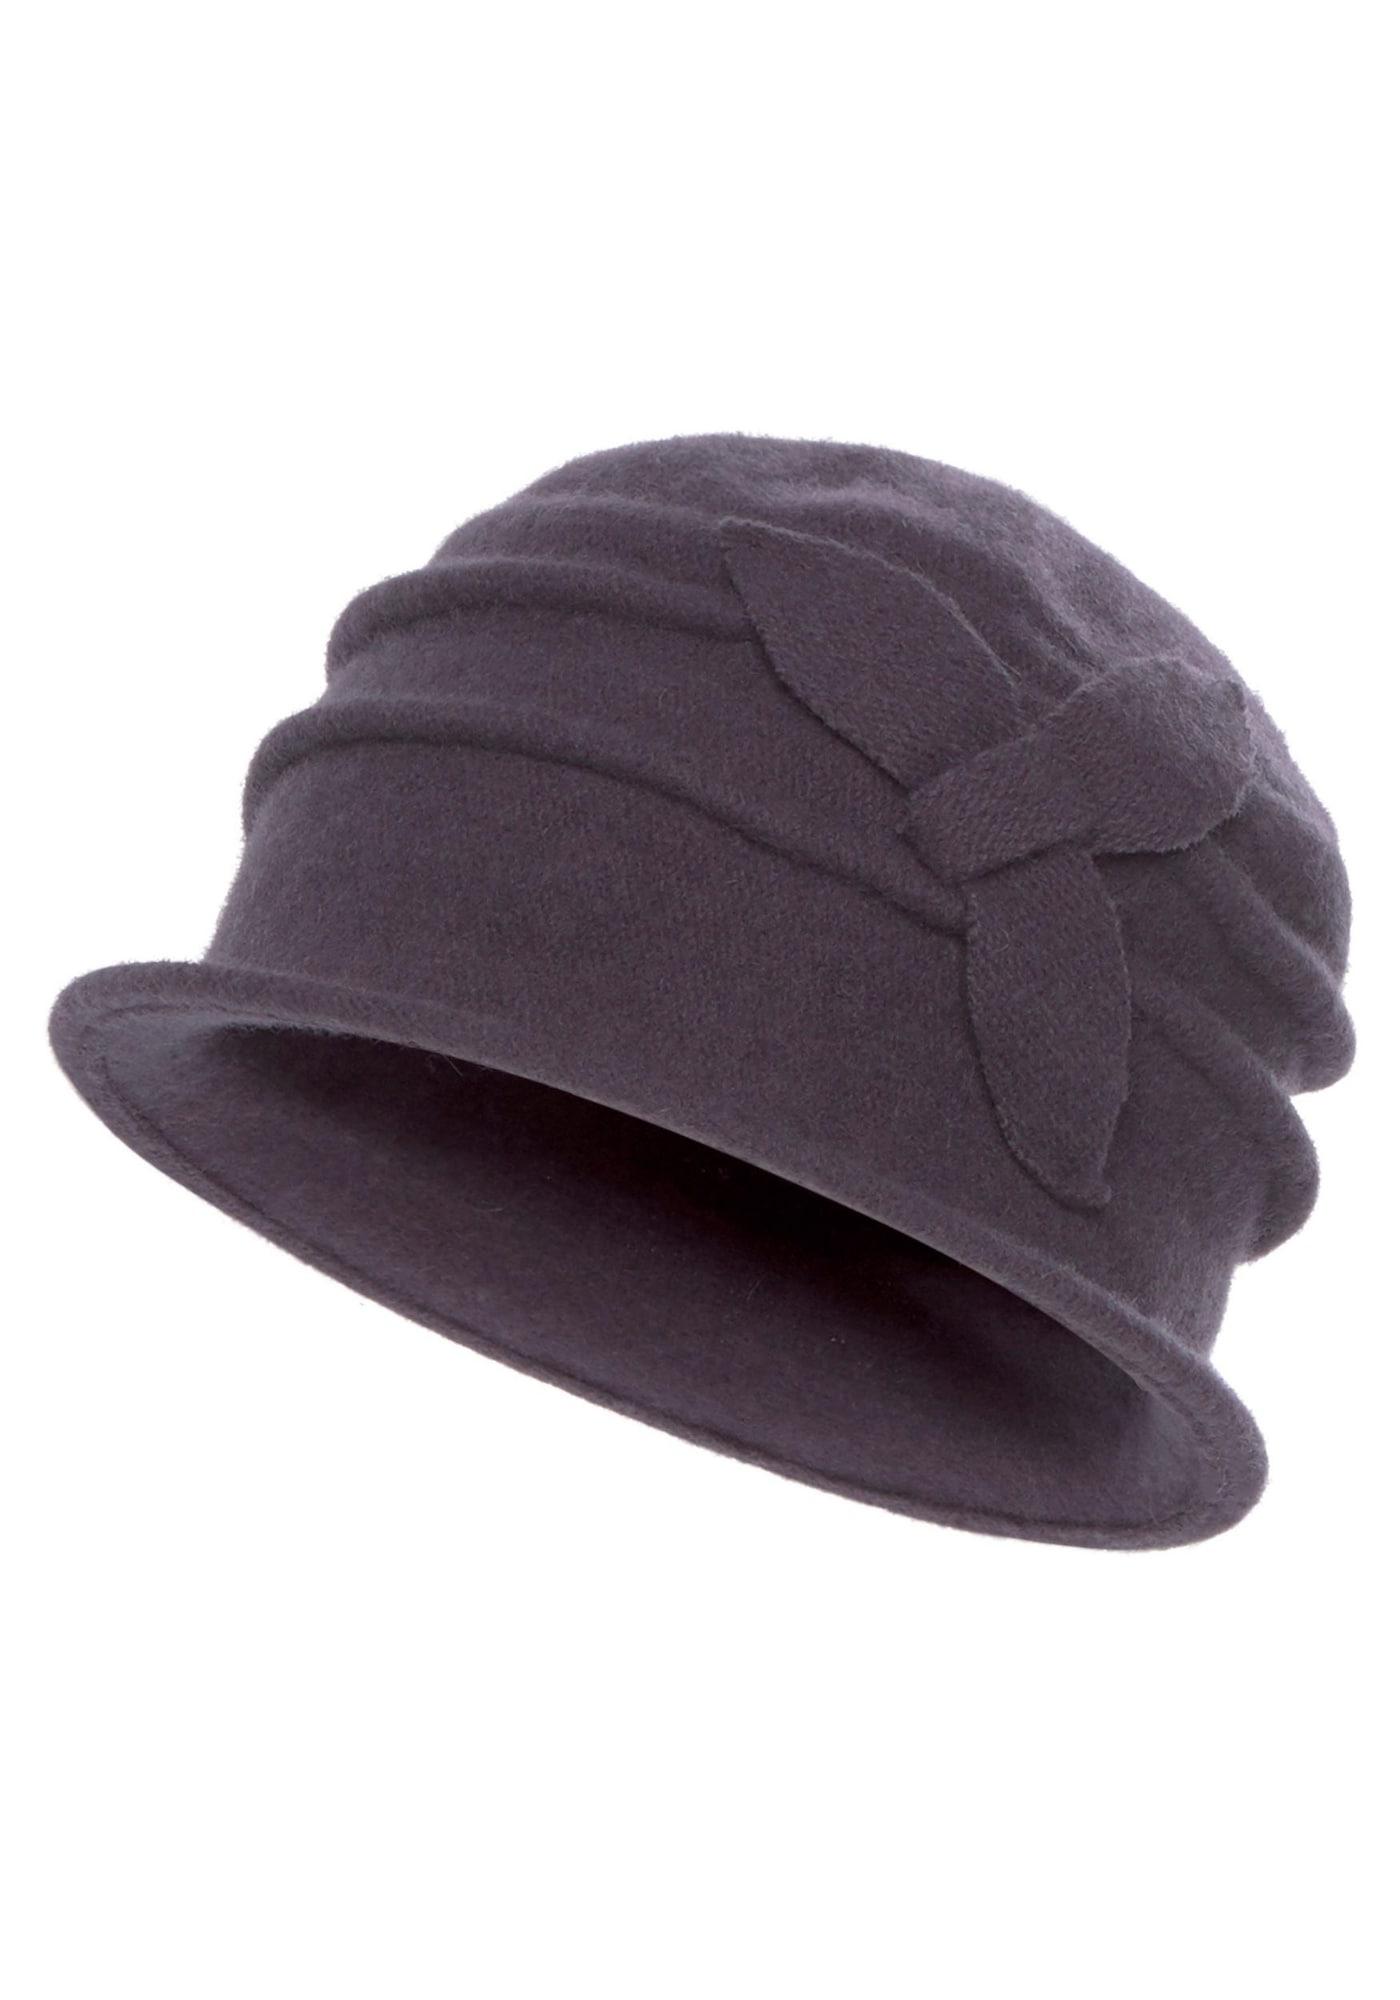 Filzhut | Accessoires > Hüte > Filzhüte | J. Jayz